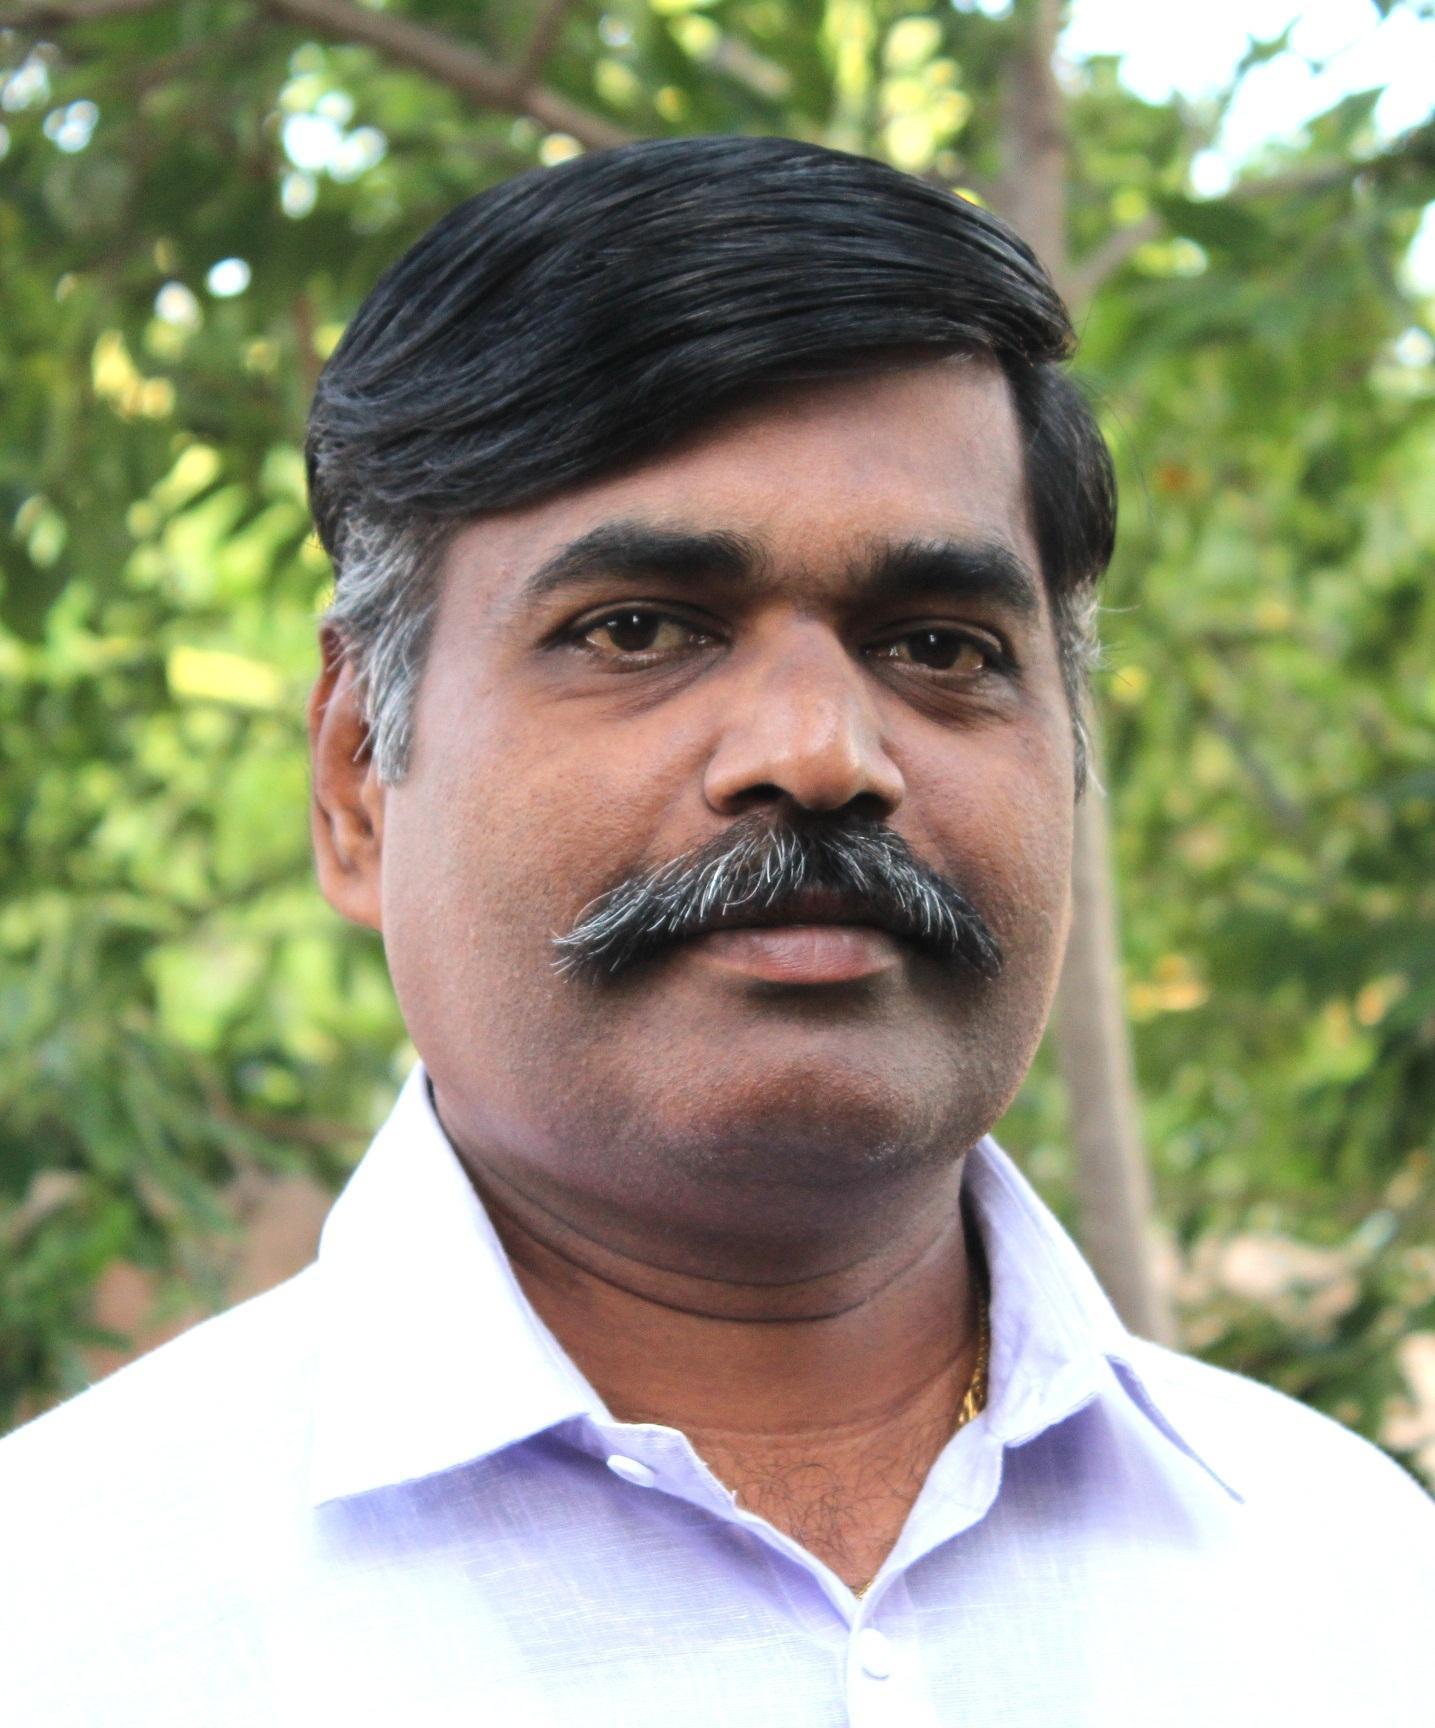 ராஜகுரு